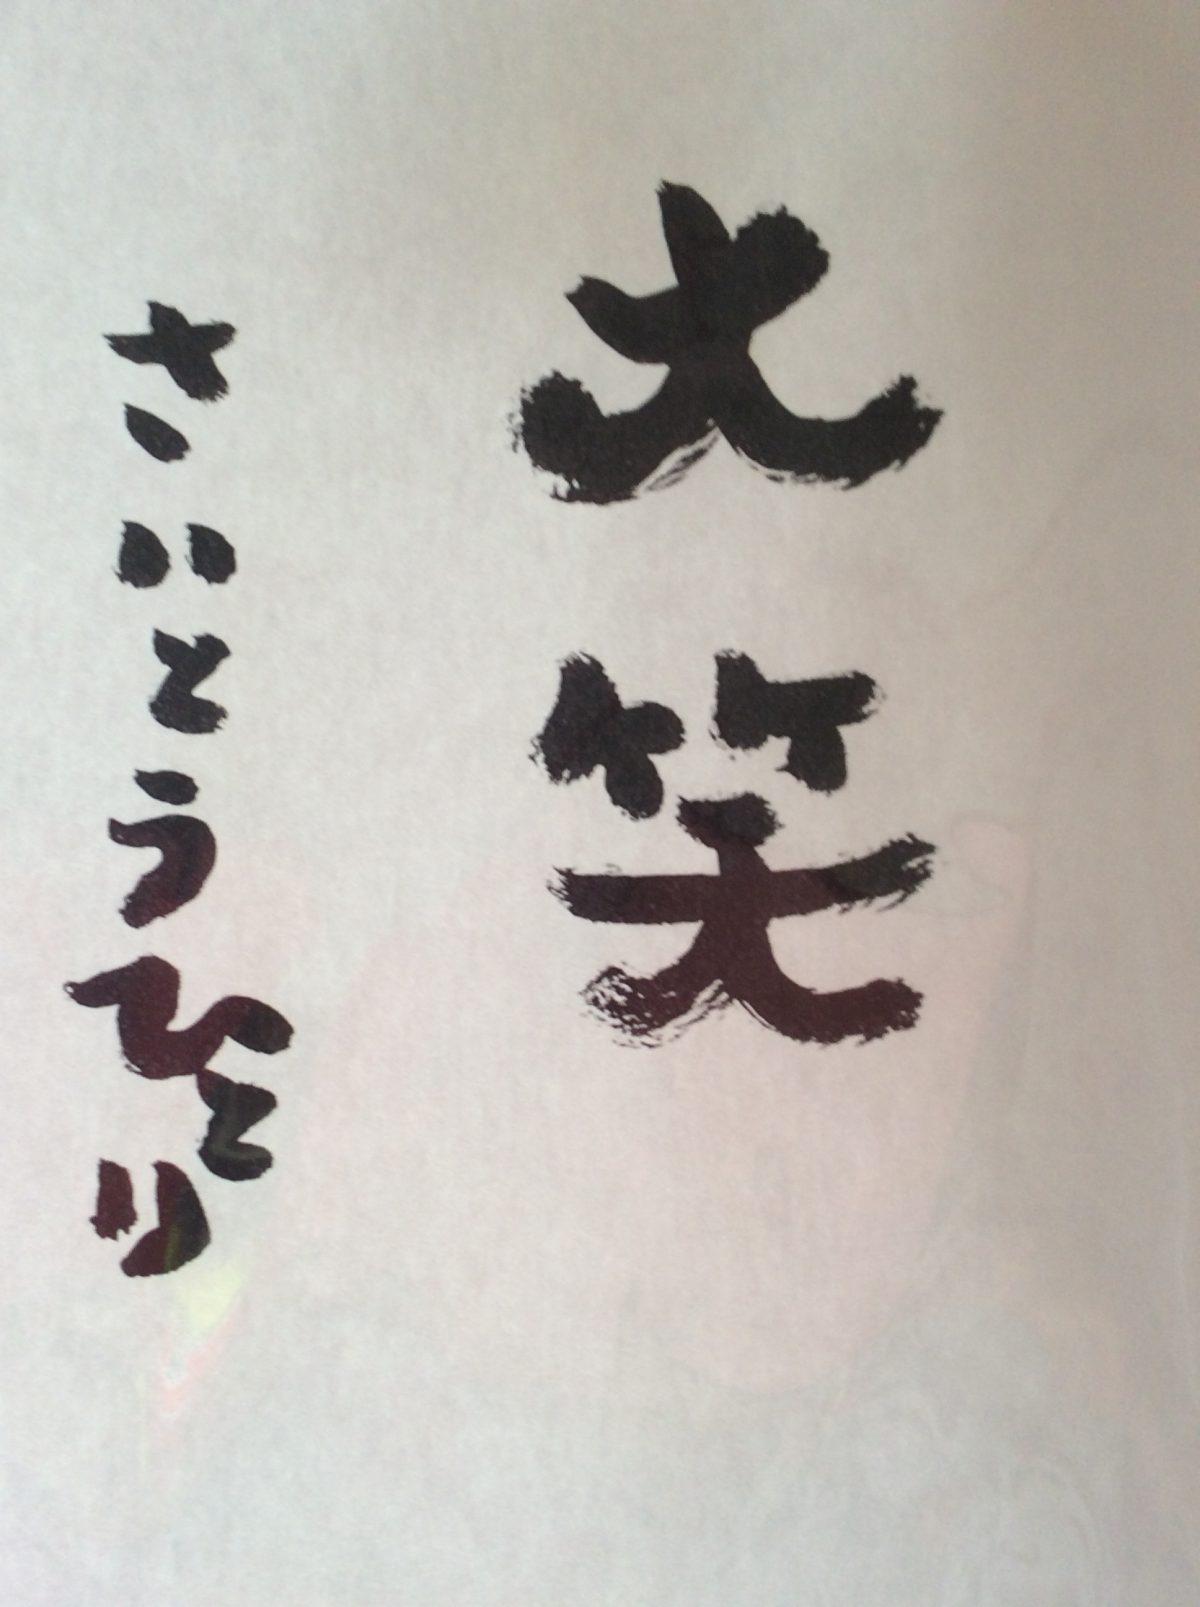 日花さんのブログ、はじまるよ〜〜